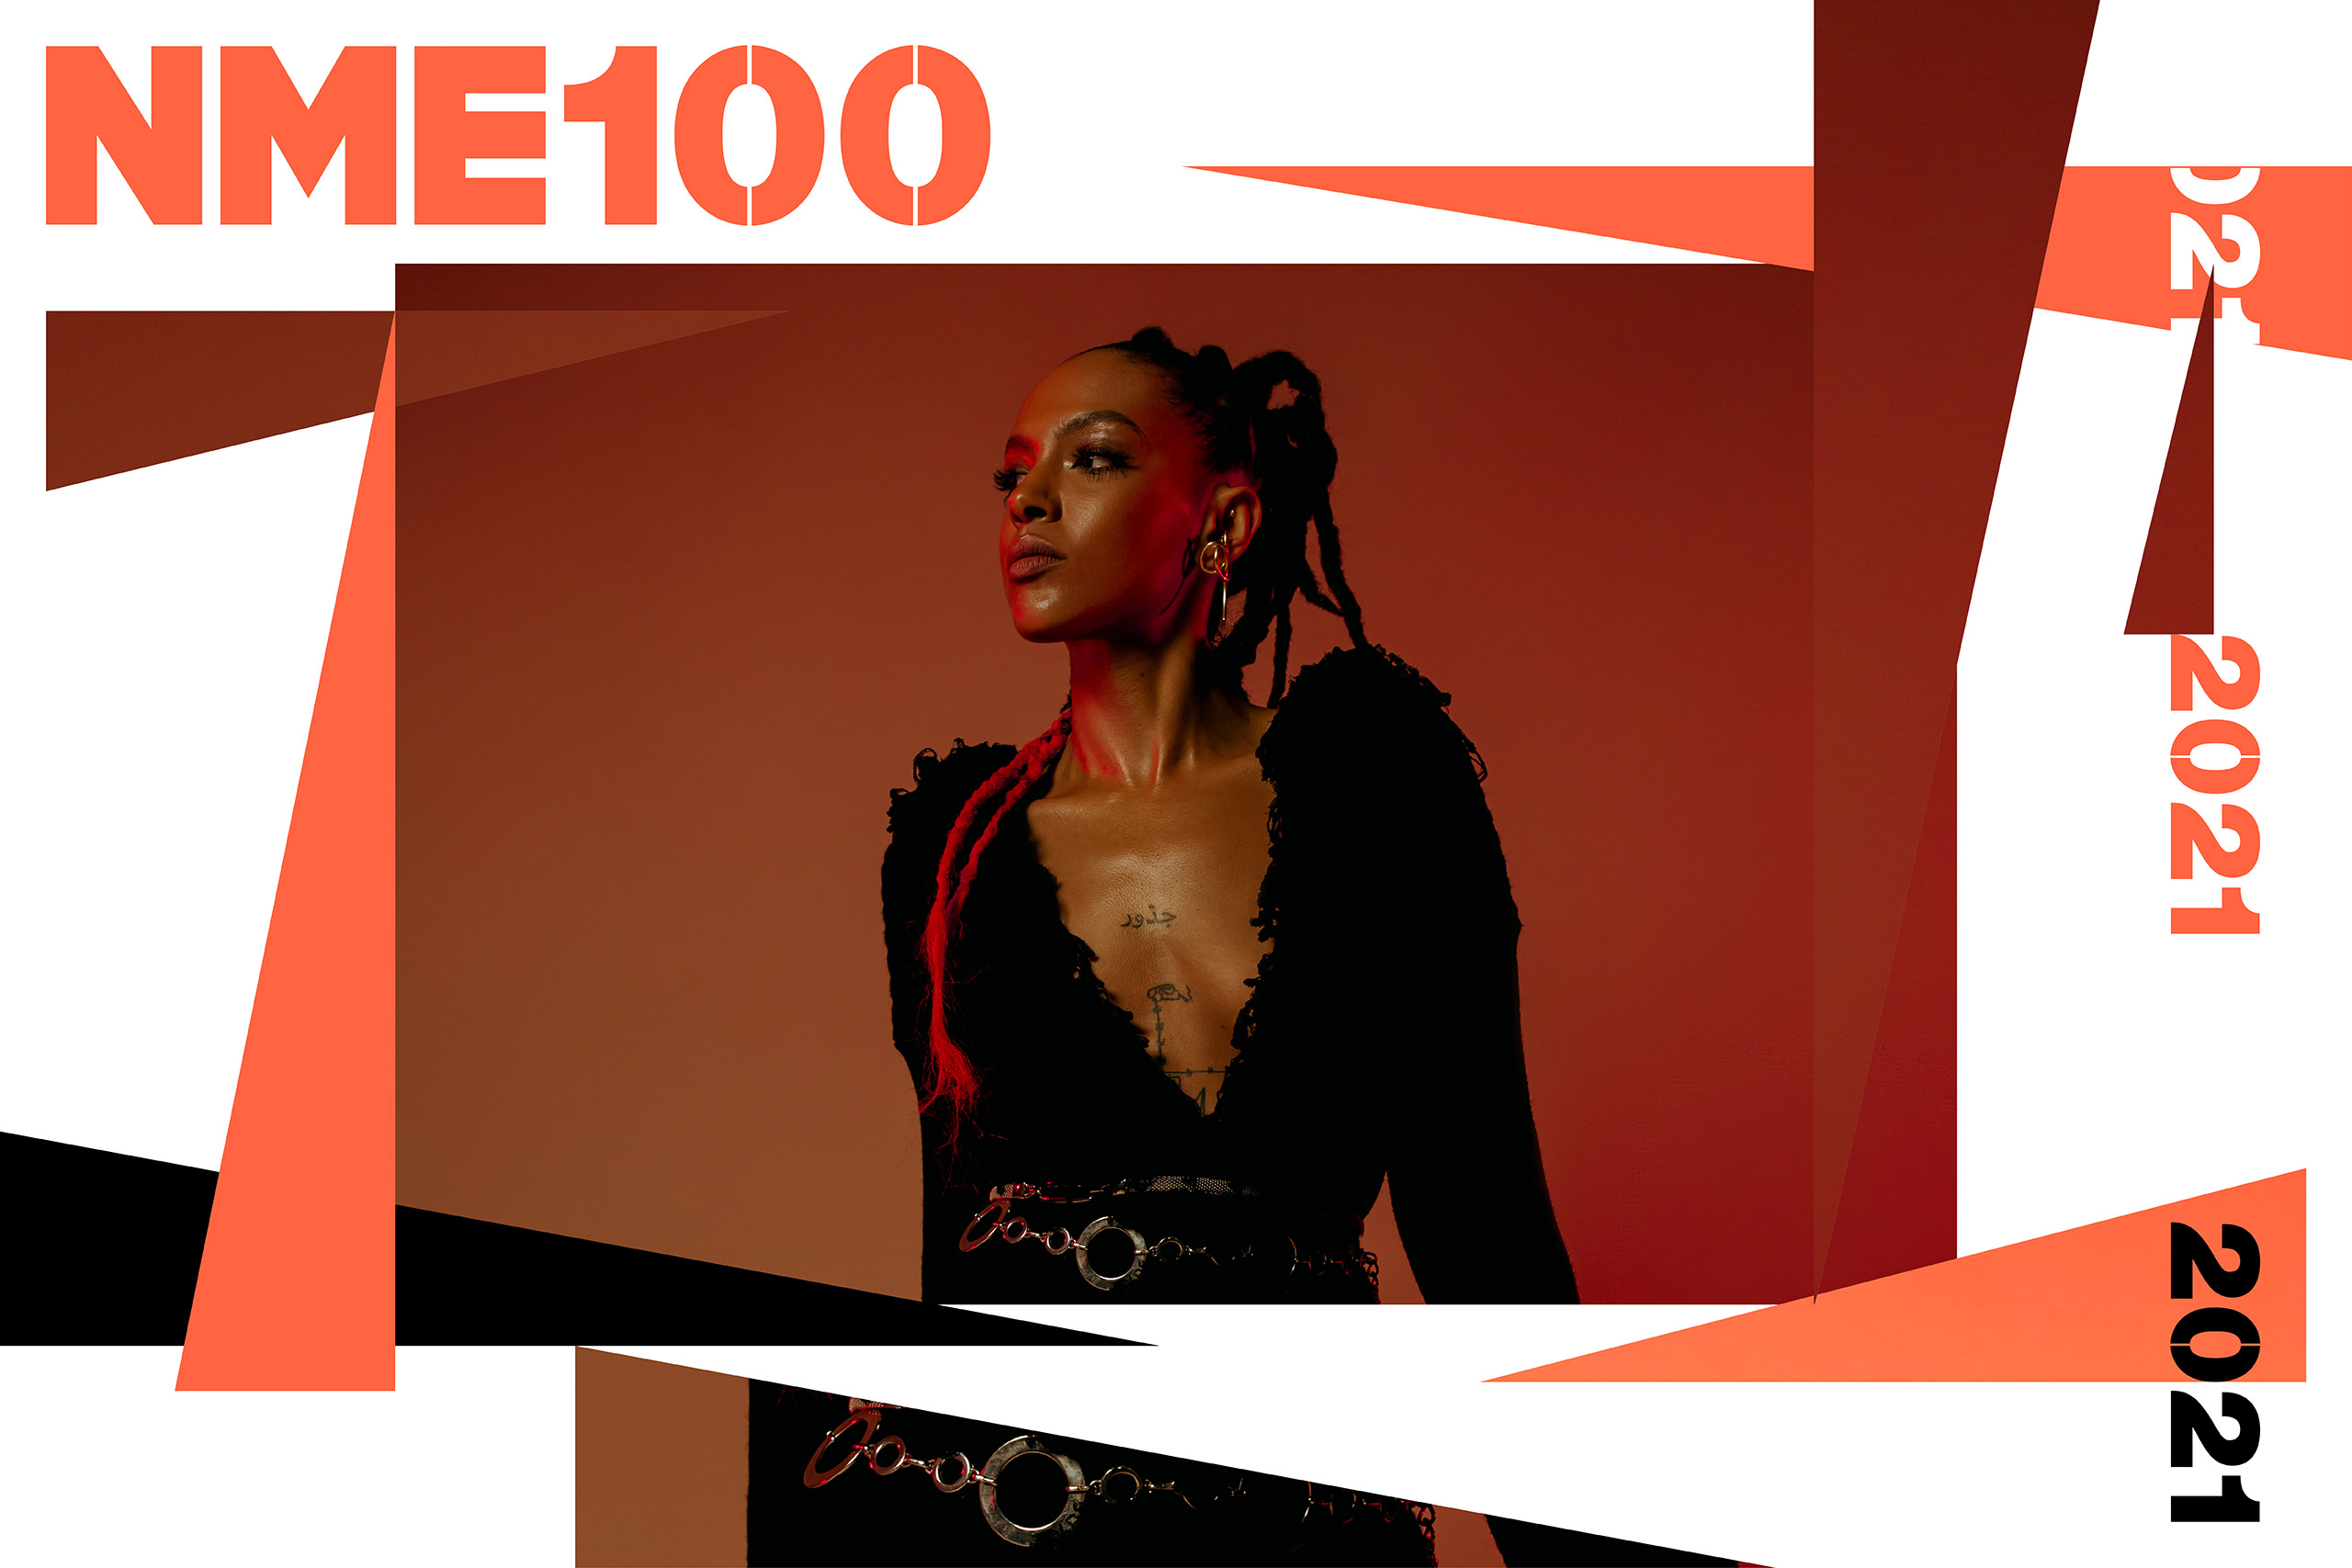 NME 100 alewya